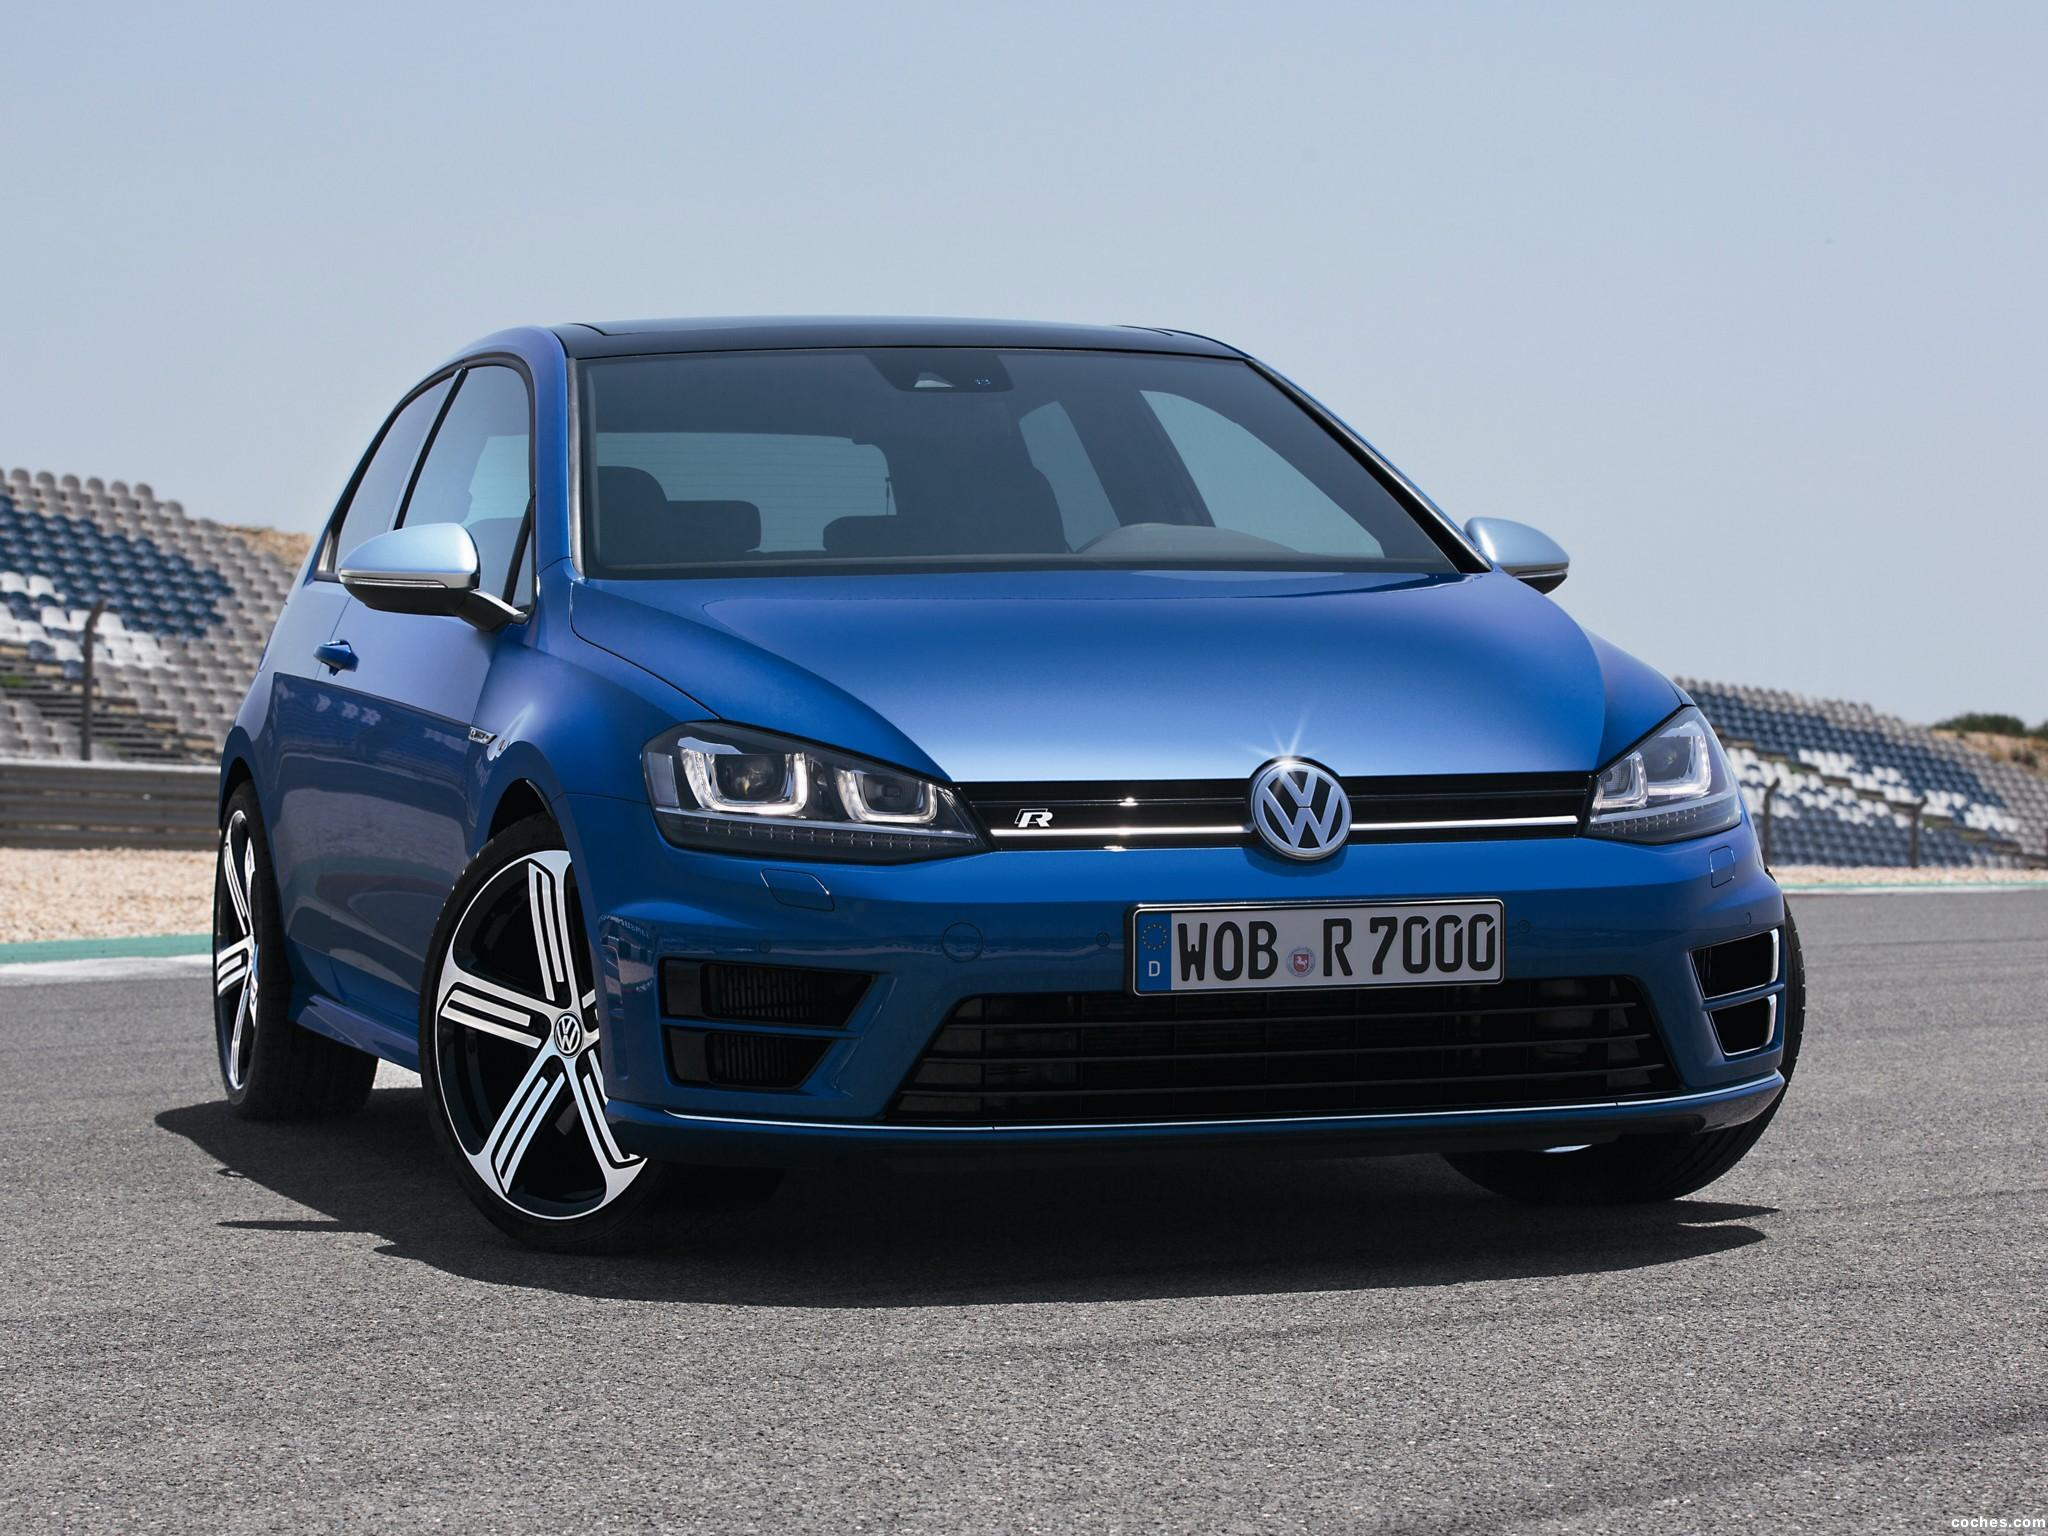 Foto 0 de Volkswagen Golf 7 R 3 puertas 2013